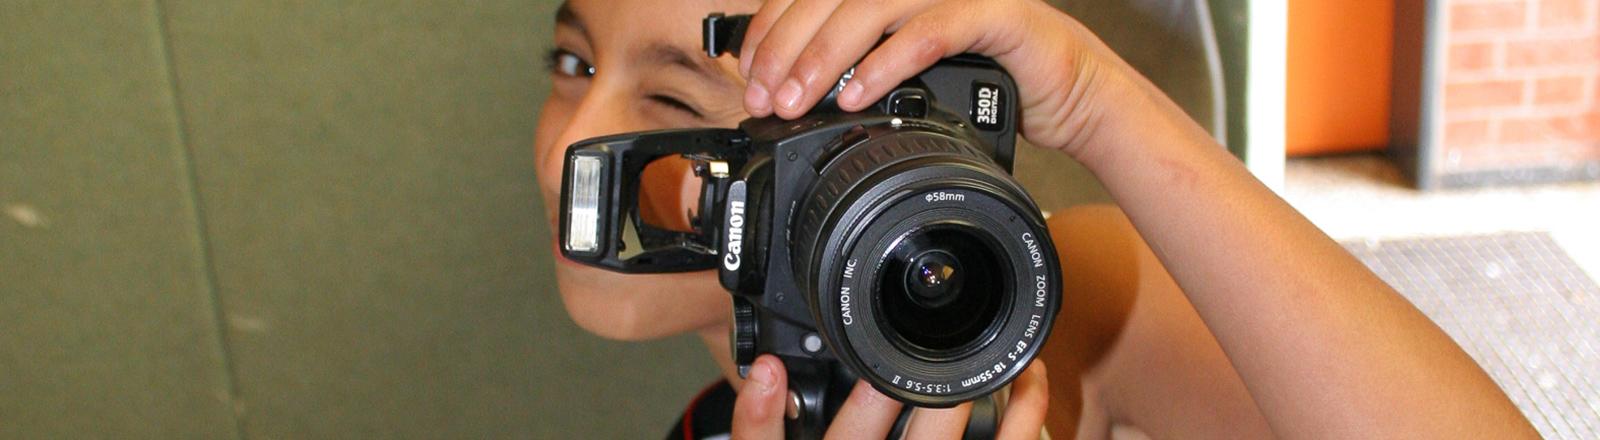 Ein Mädchen fotografiert und wird dabei selbst fotografiert.